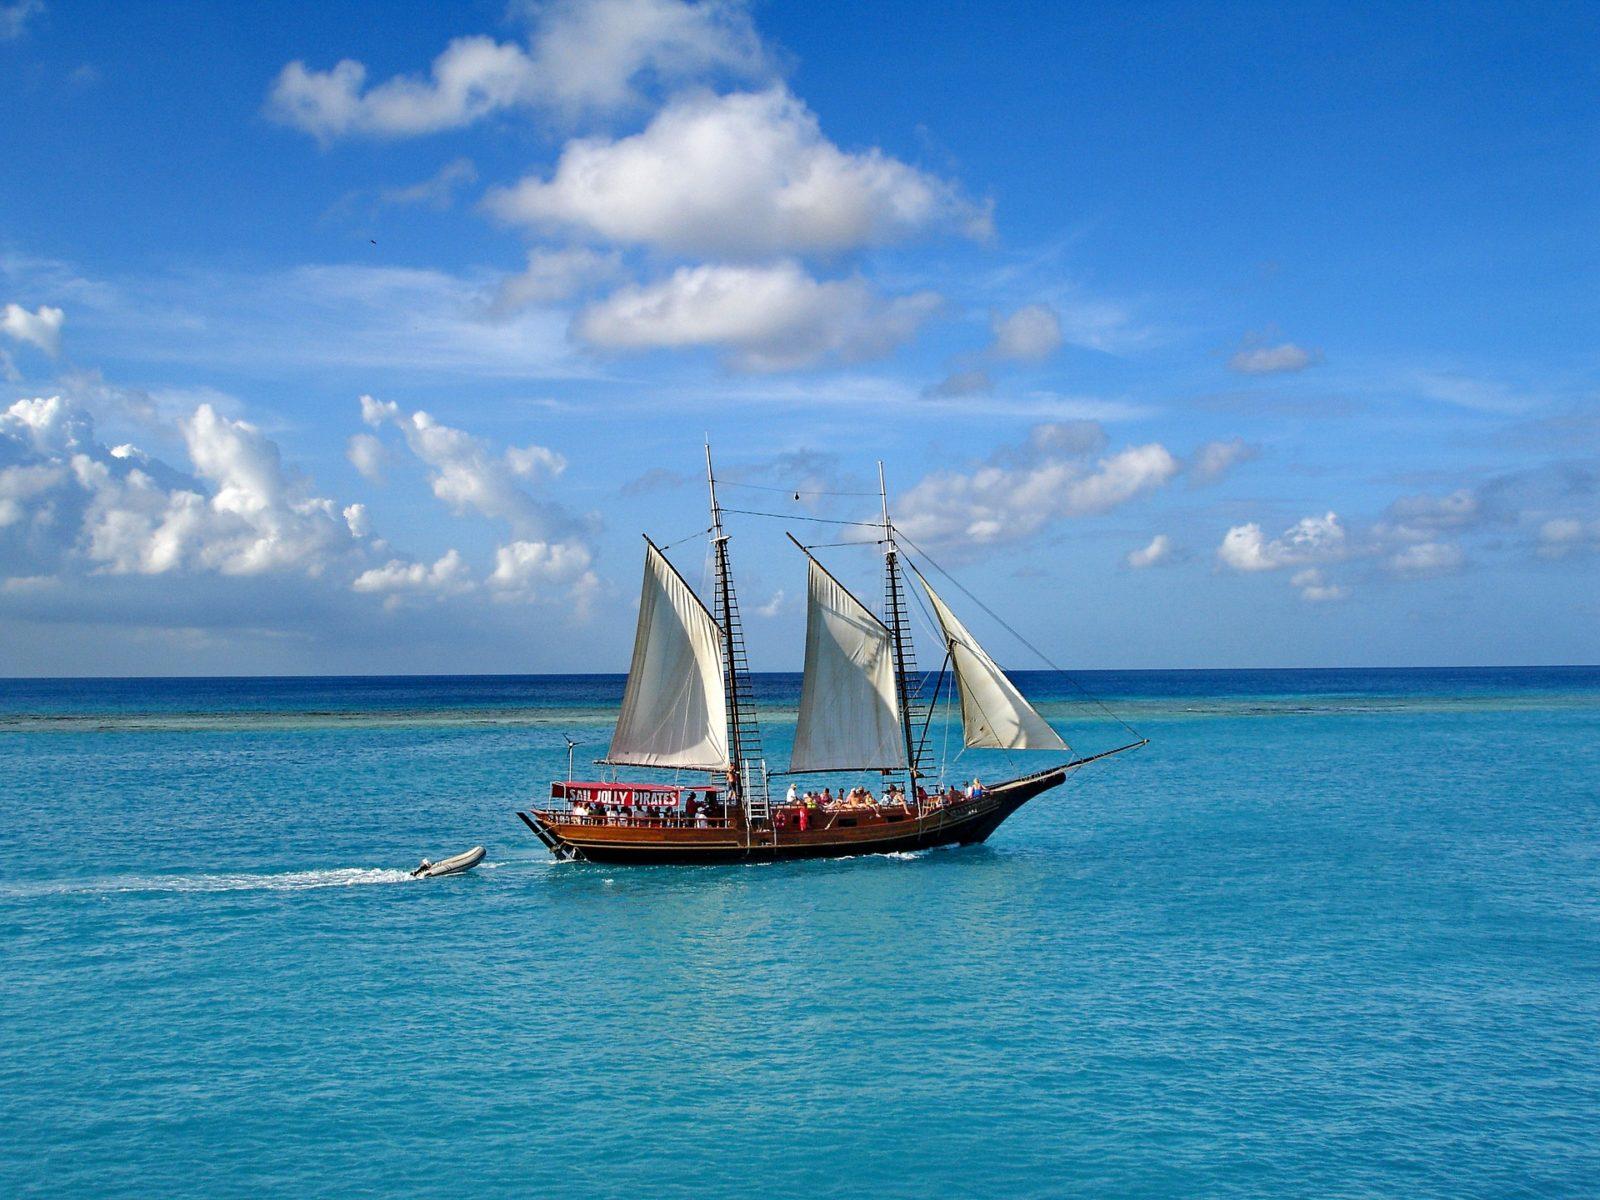 страны карибского бассейна, аруба